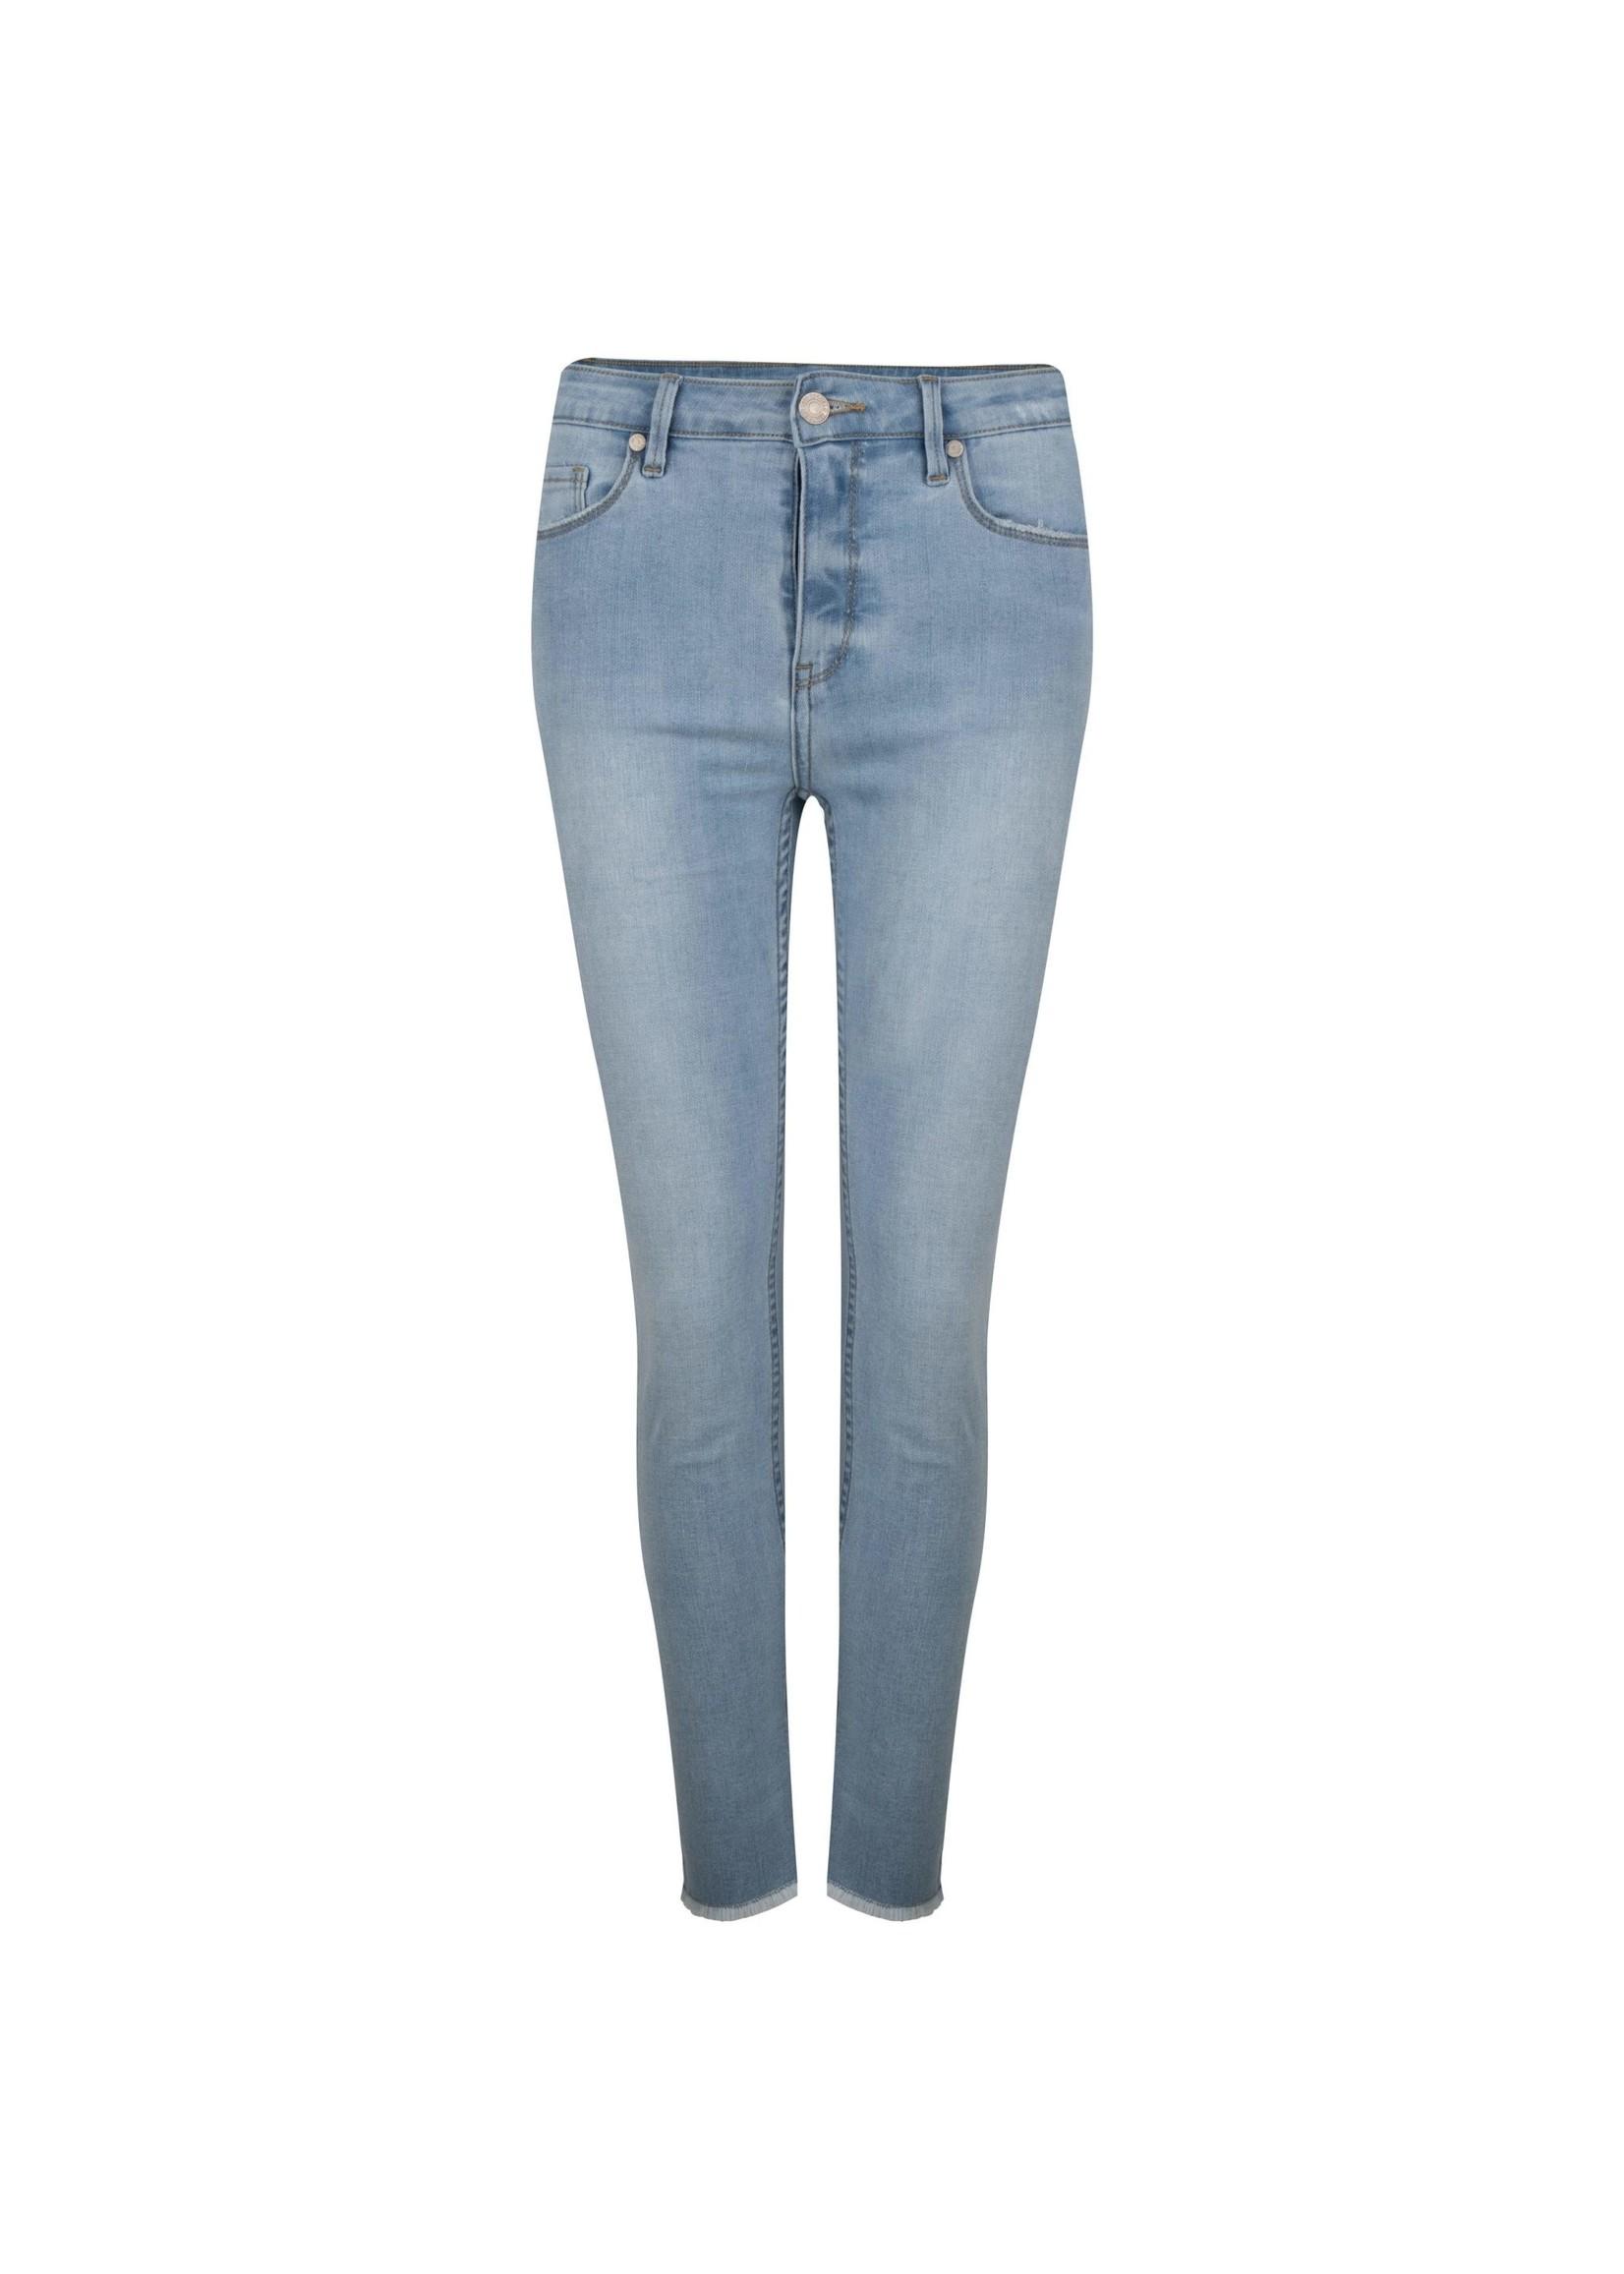 HS21.12200 Trousers jeans pocket blue